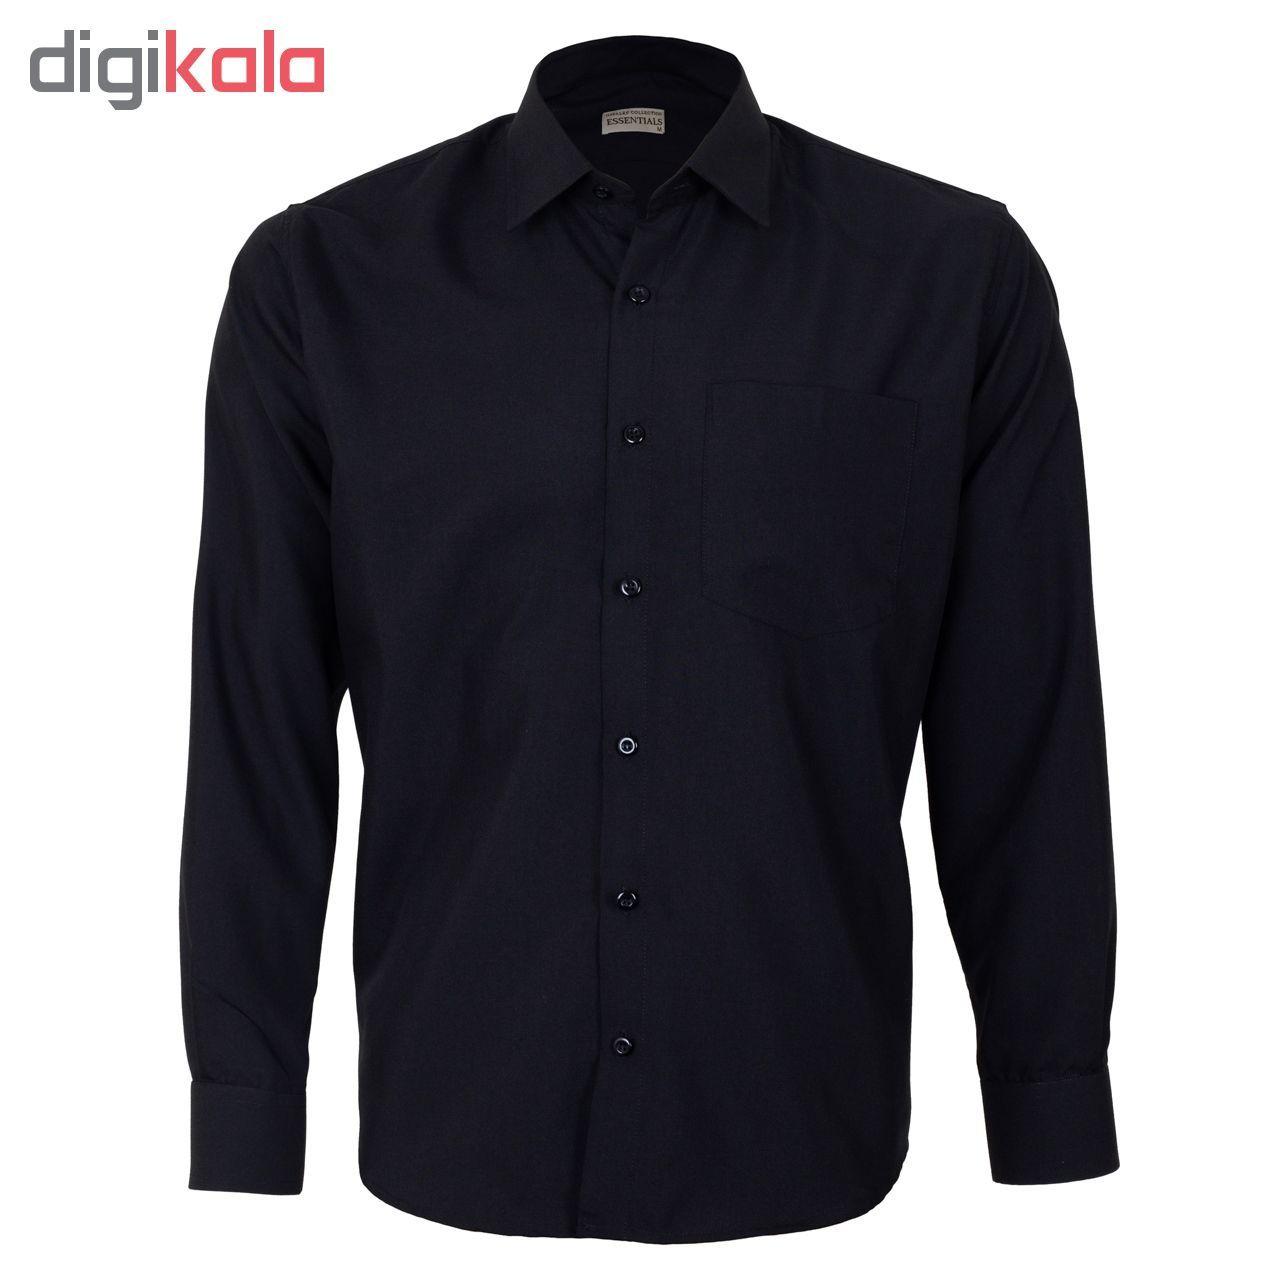 پیراهن مردانه ناوالس کد RegularFit-Tet-BK -  - 3